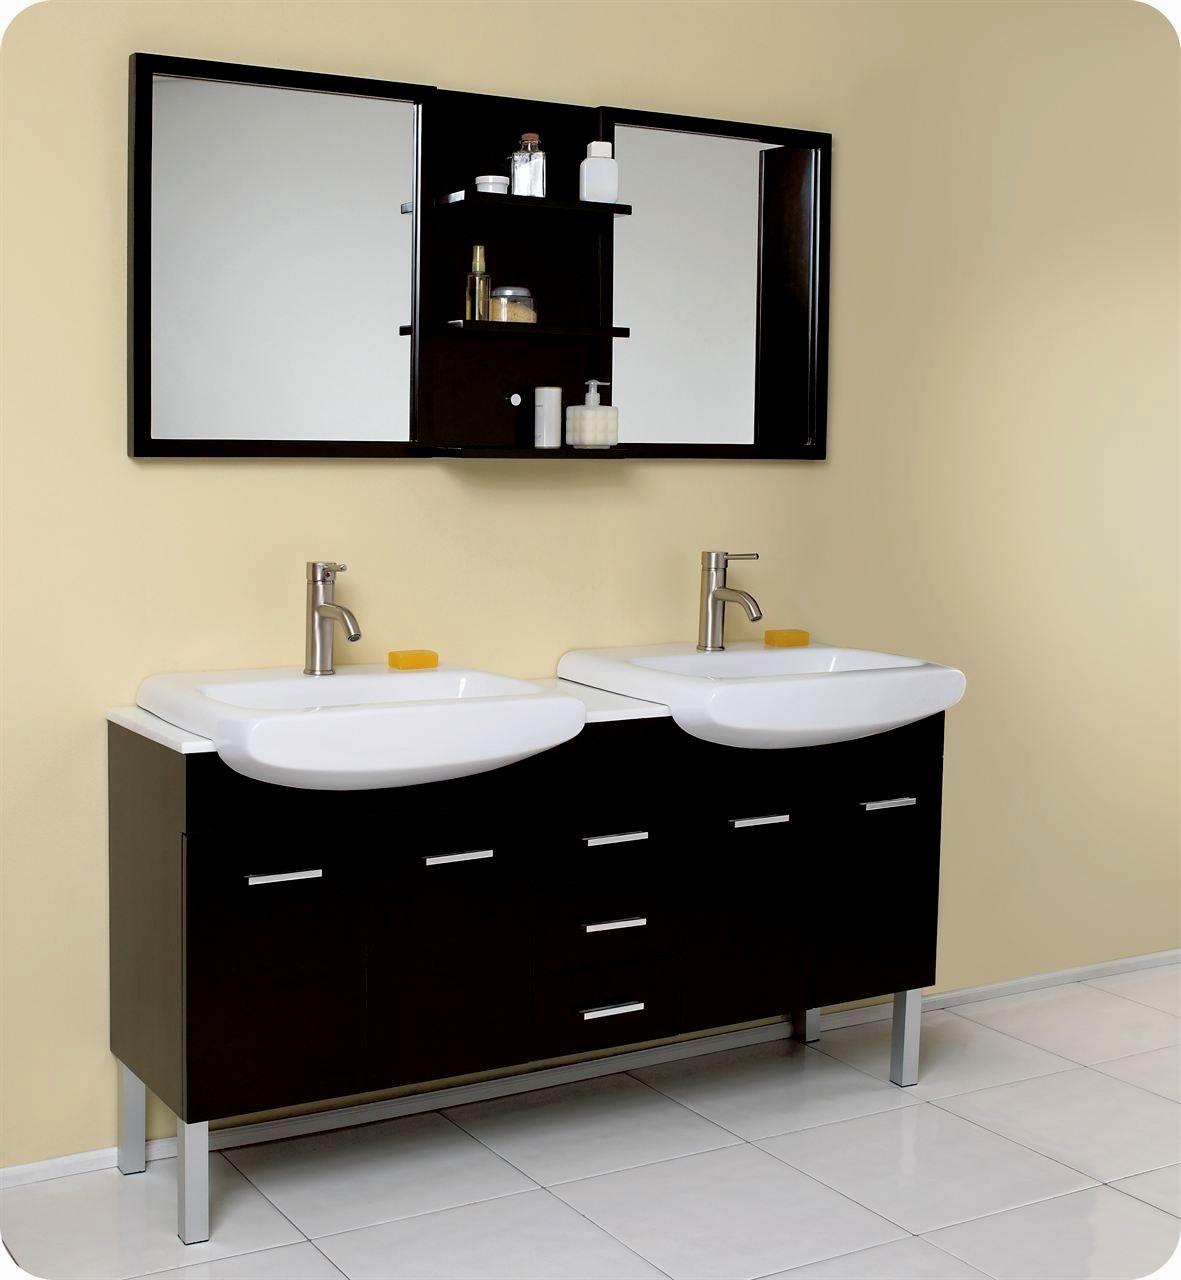 finest bathroom double vanities with tops decoration-Wonderful Bathroom Double Vanities with tops Gallery